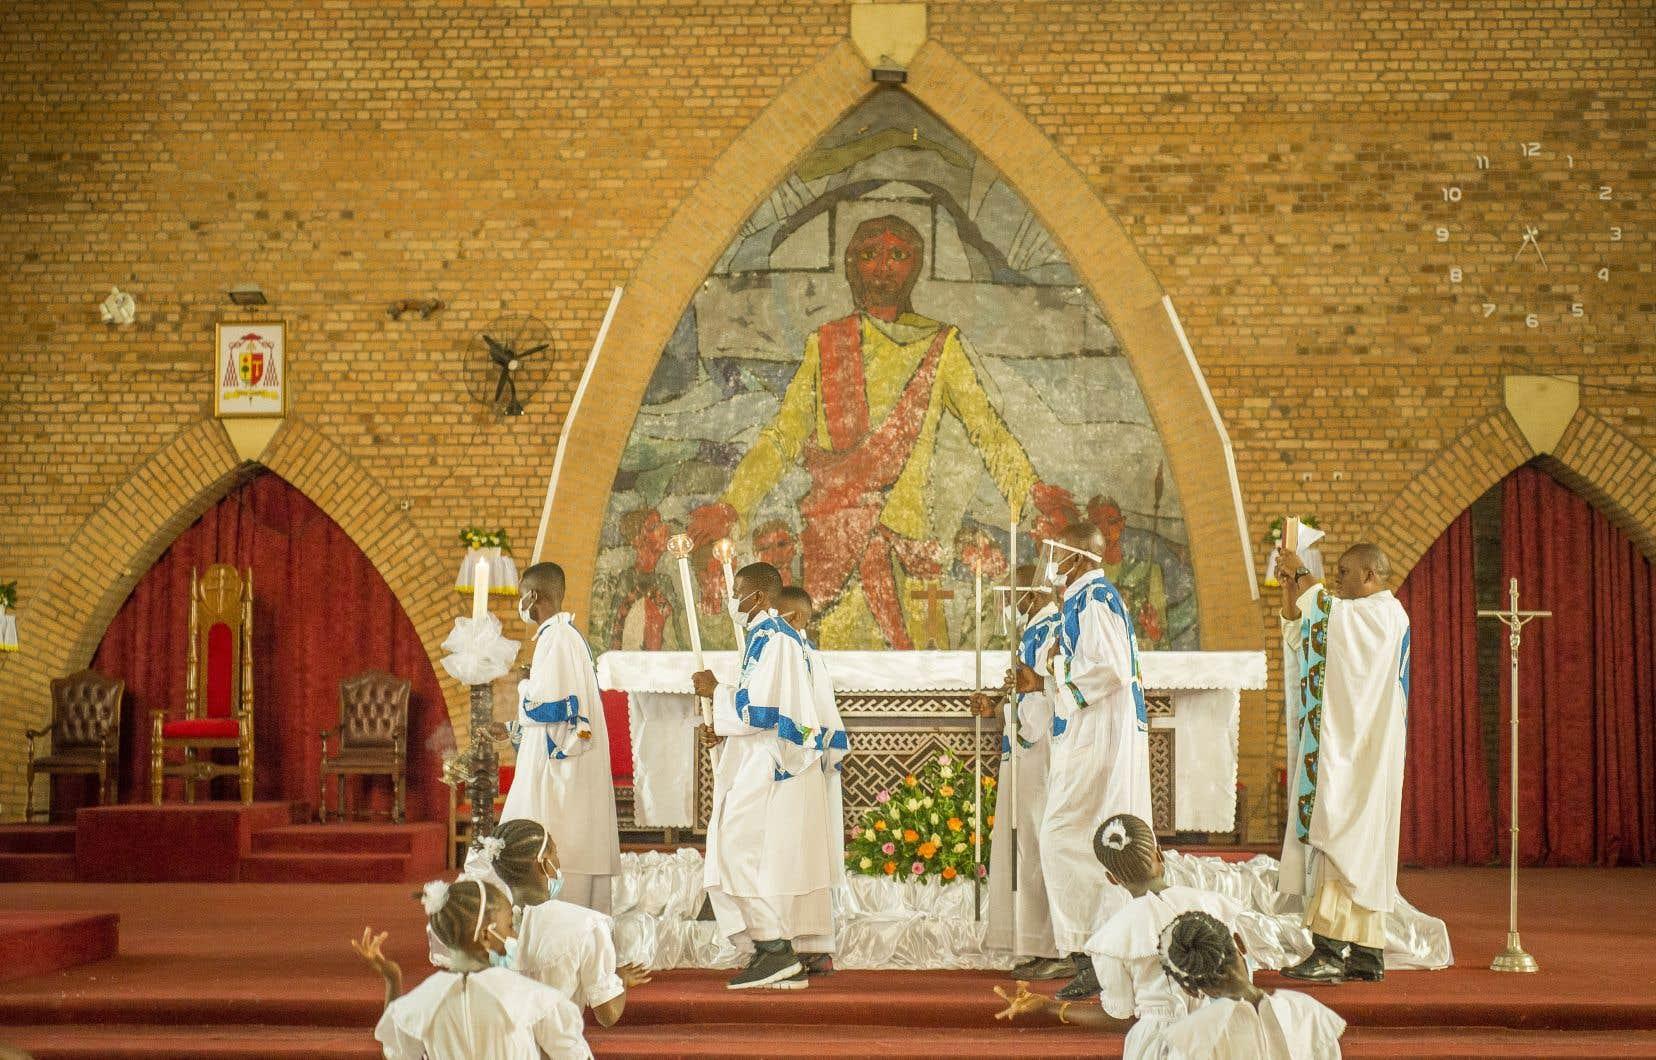 À la cathédrale Notre-Dame (catholique) de Kinshasa, les fidèles munis de leurs masques ont afflué dès 6h30 pour participer à la première messe, qui s'est déroulée dans une ambiance festive, au son des cris de joie.